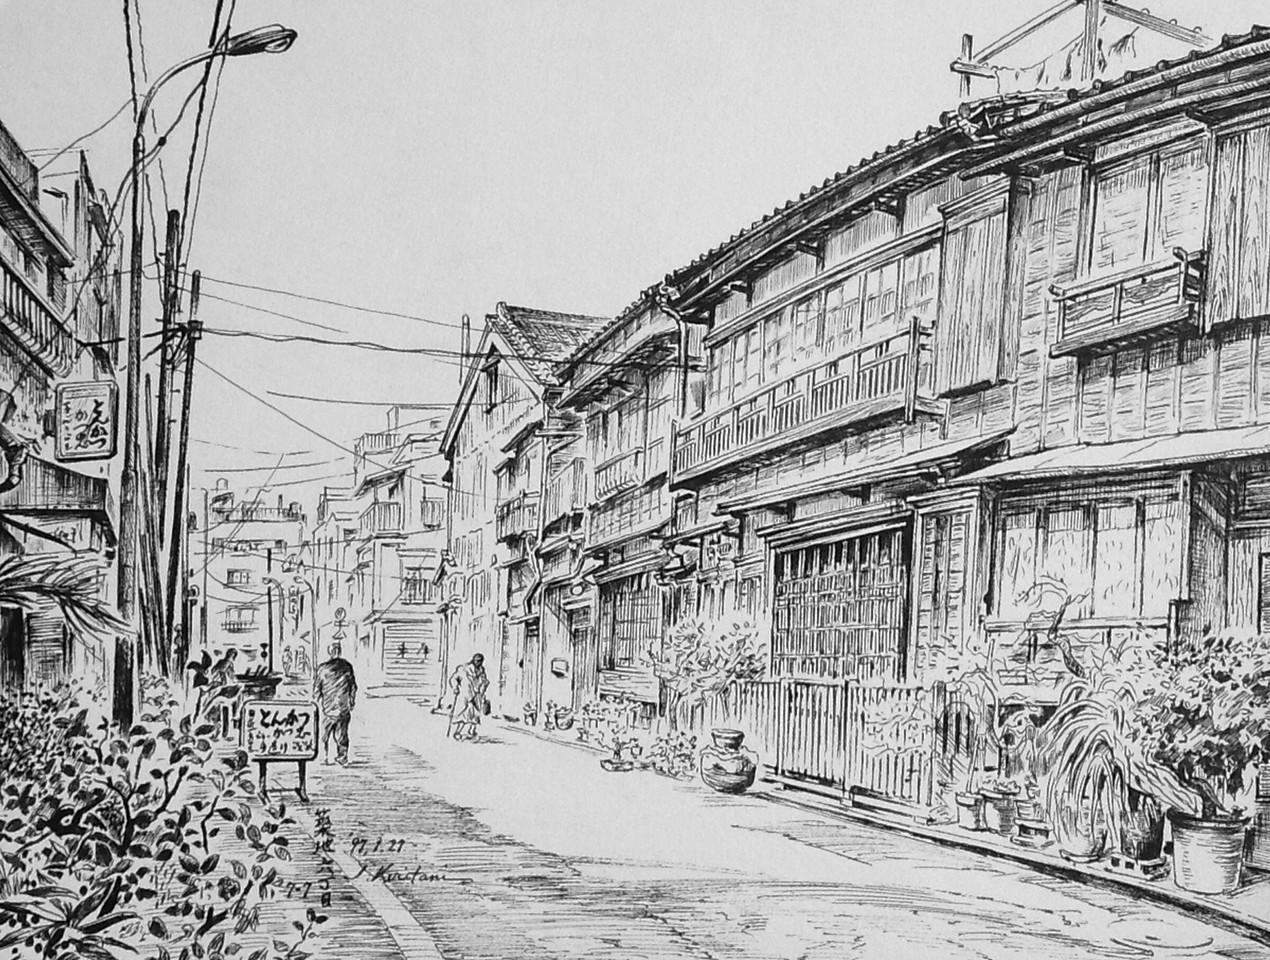 Itsuo Kiritani - Tsukiji 6 Chome